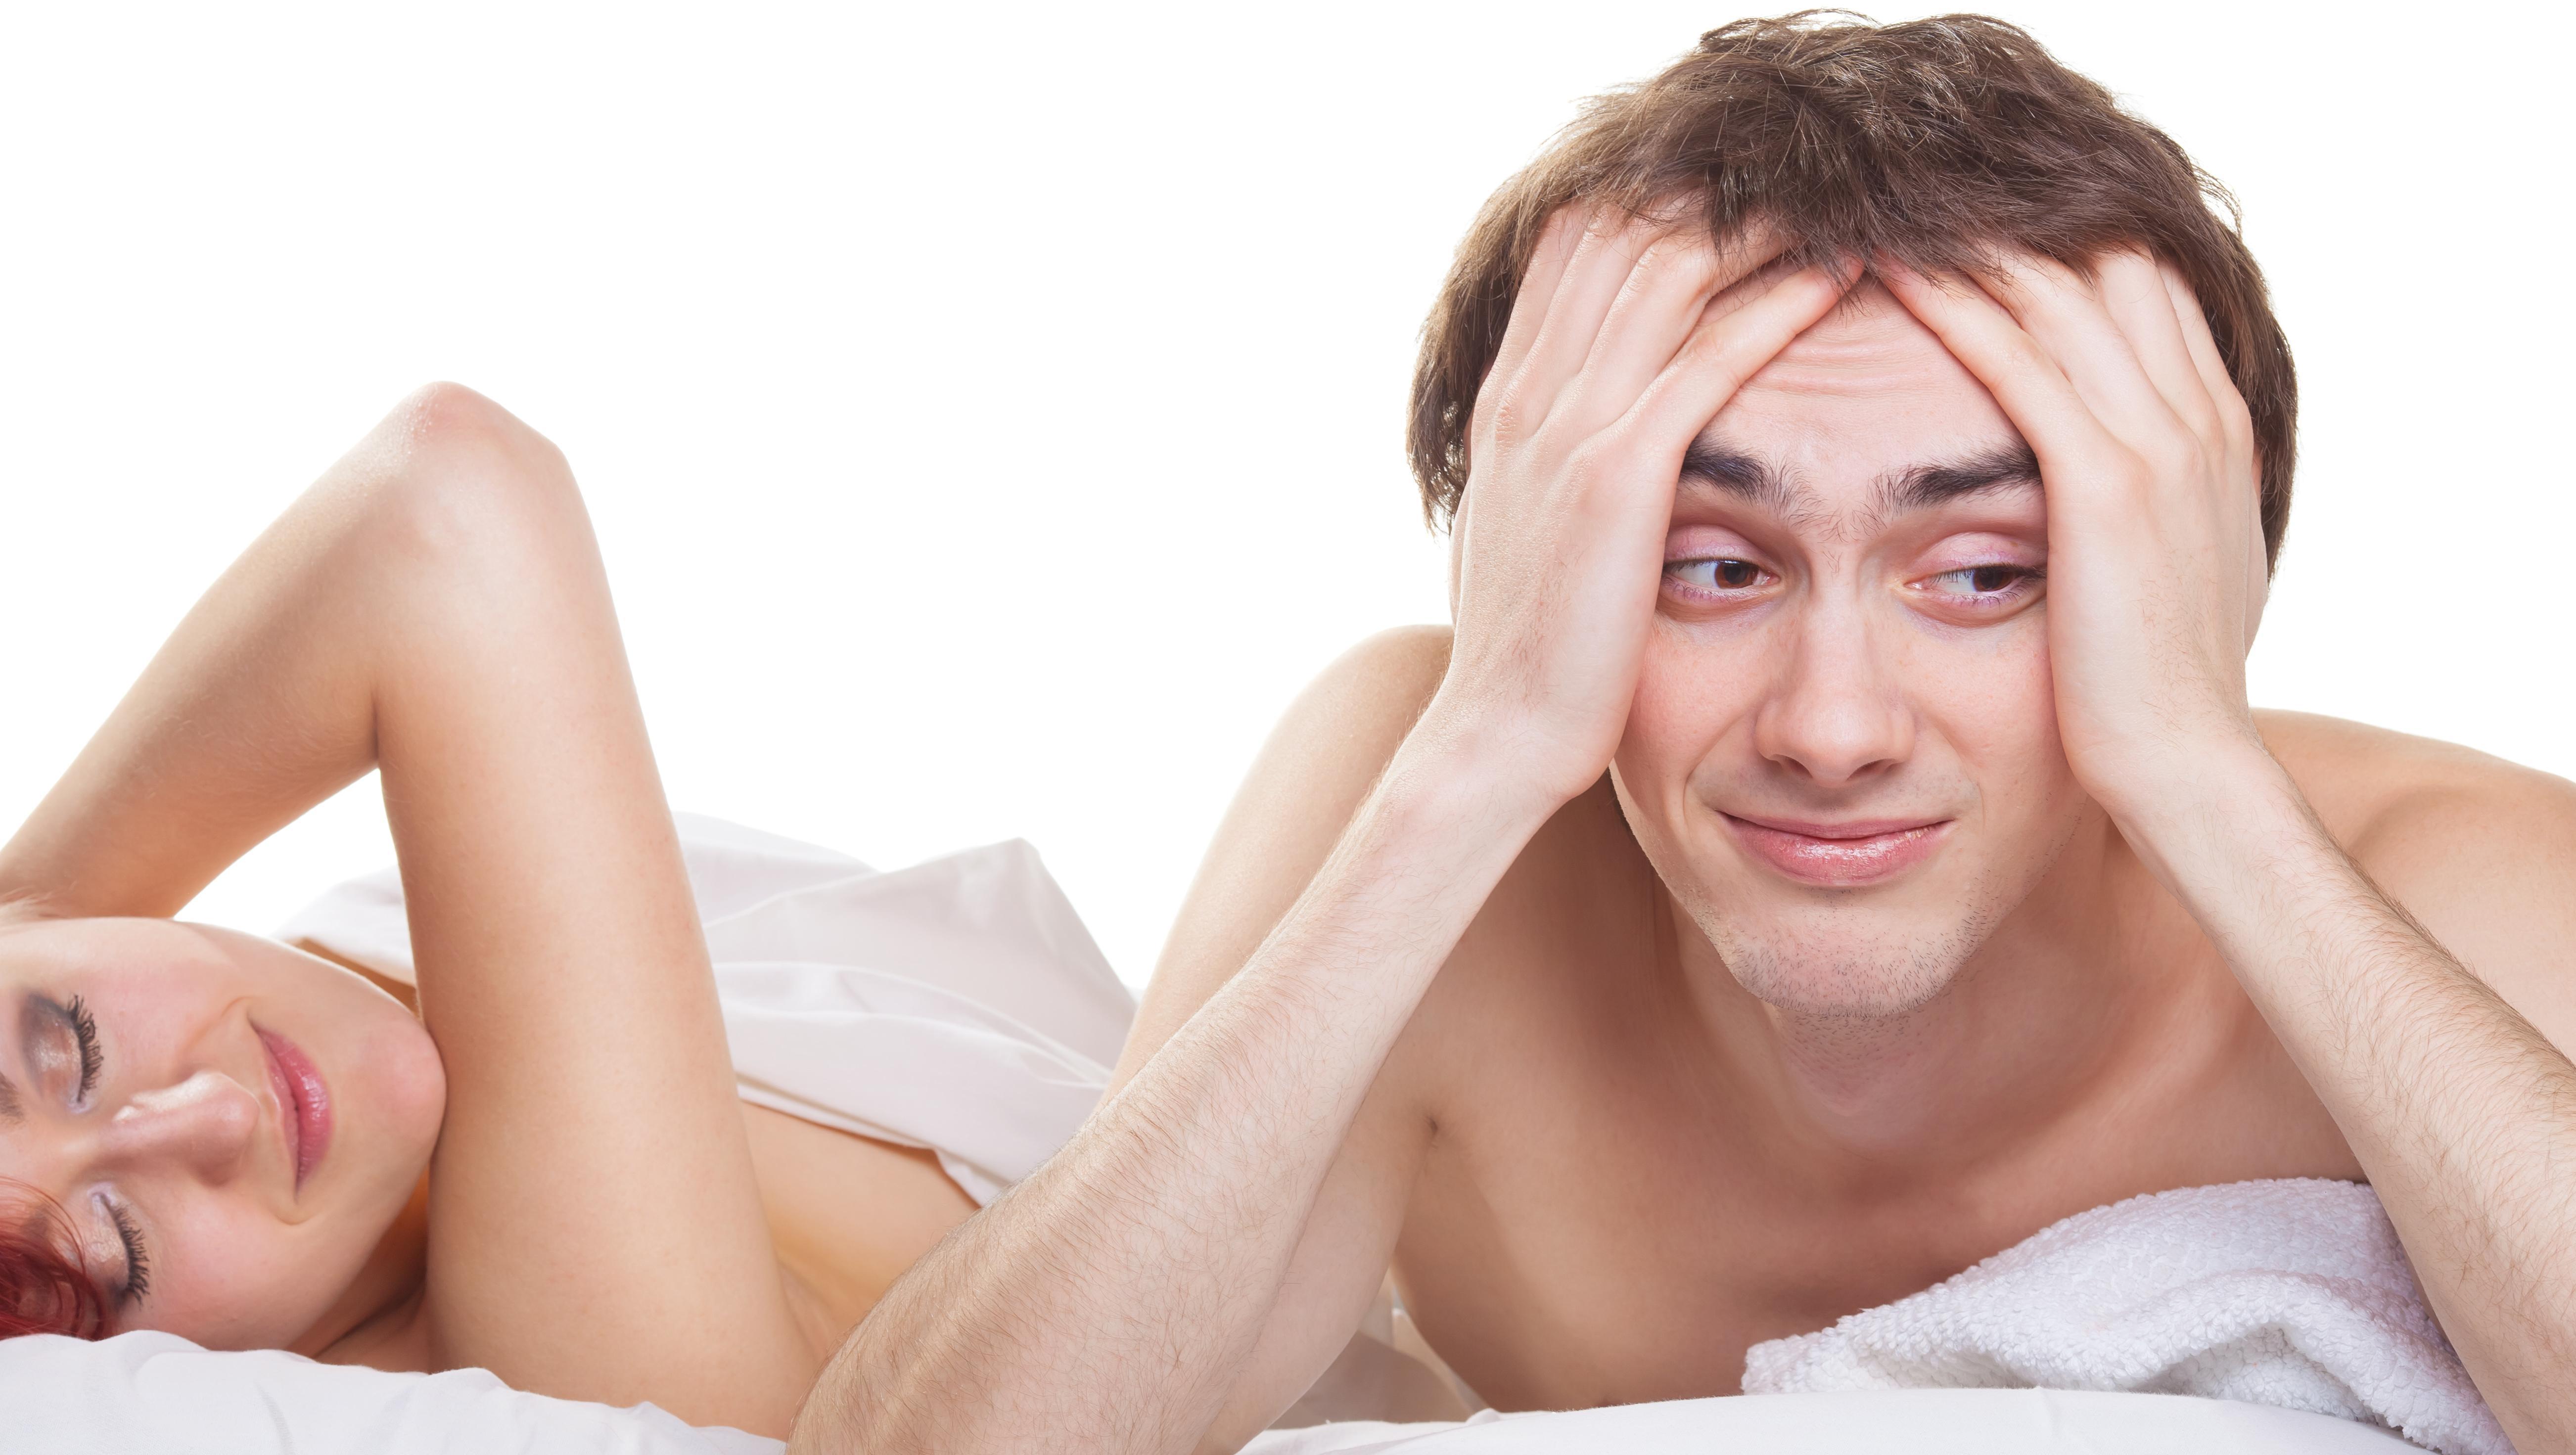 ekstrabladet dk massageescort massage risskov